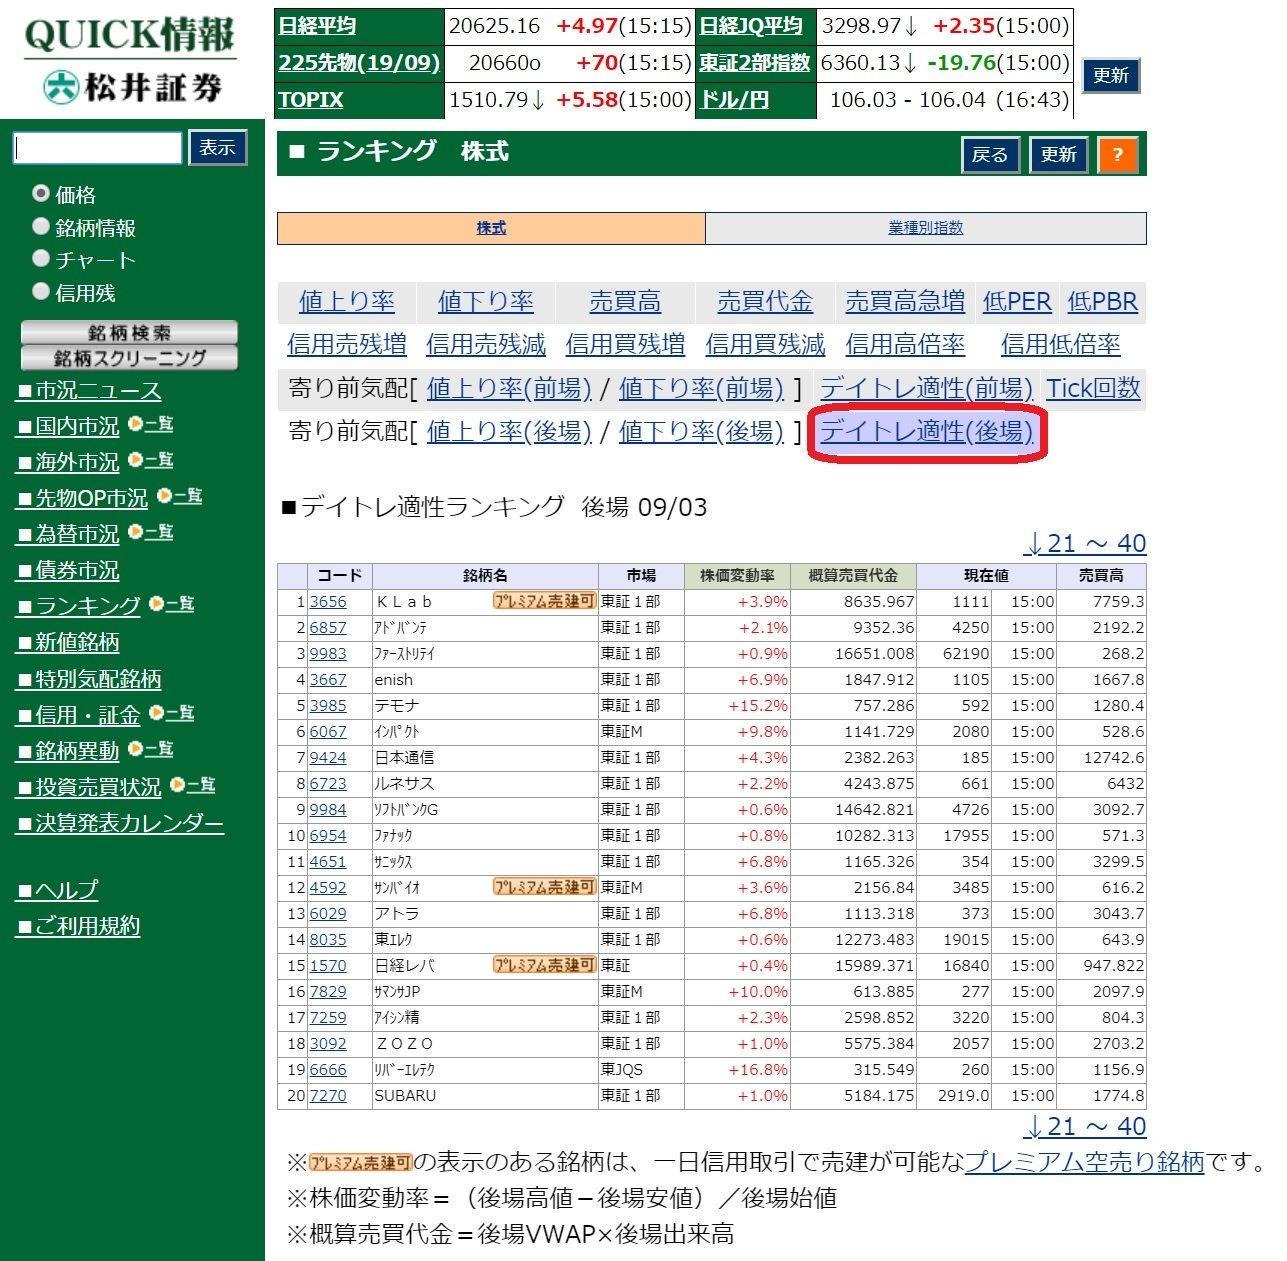 松井証券_デイトレ適性ランキング